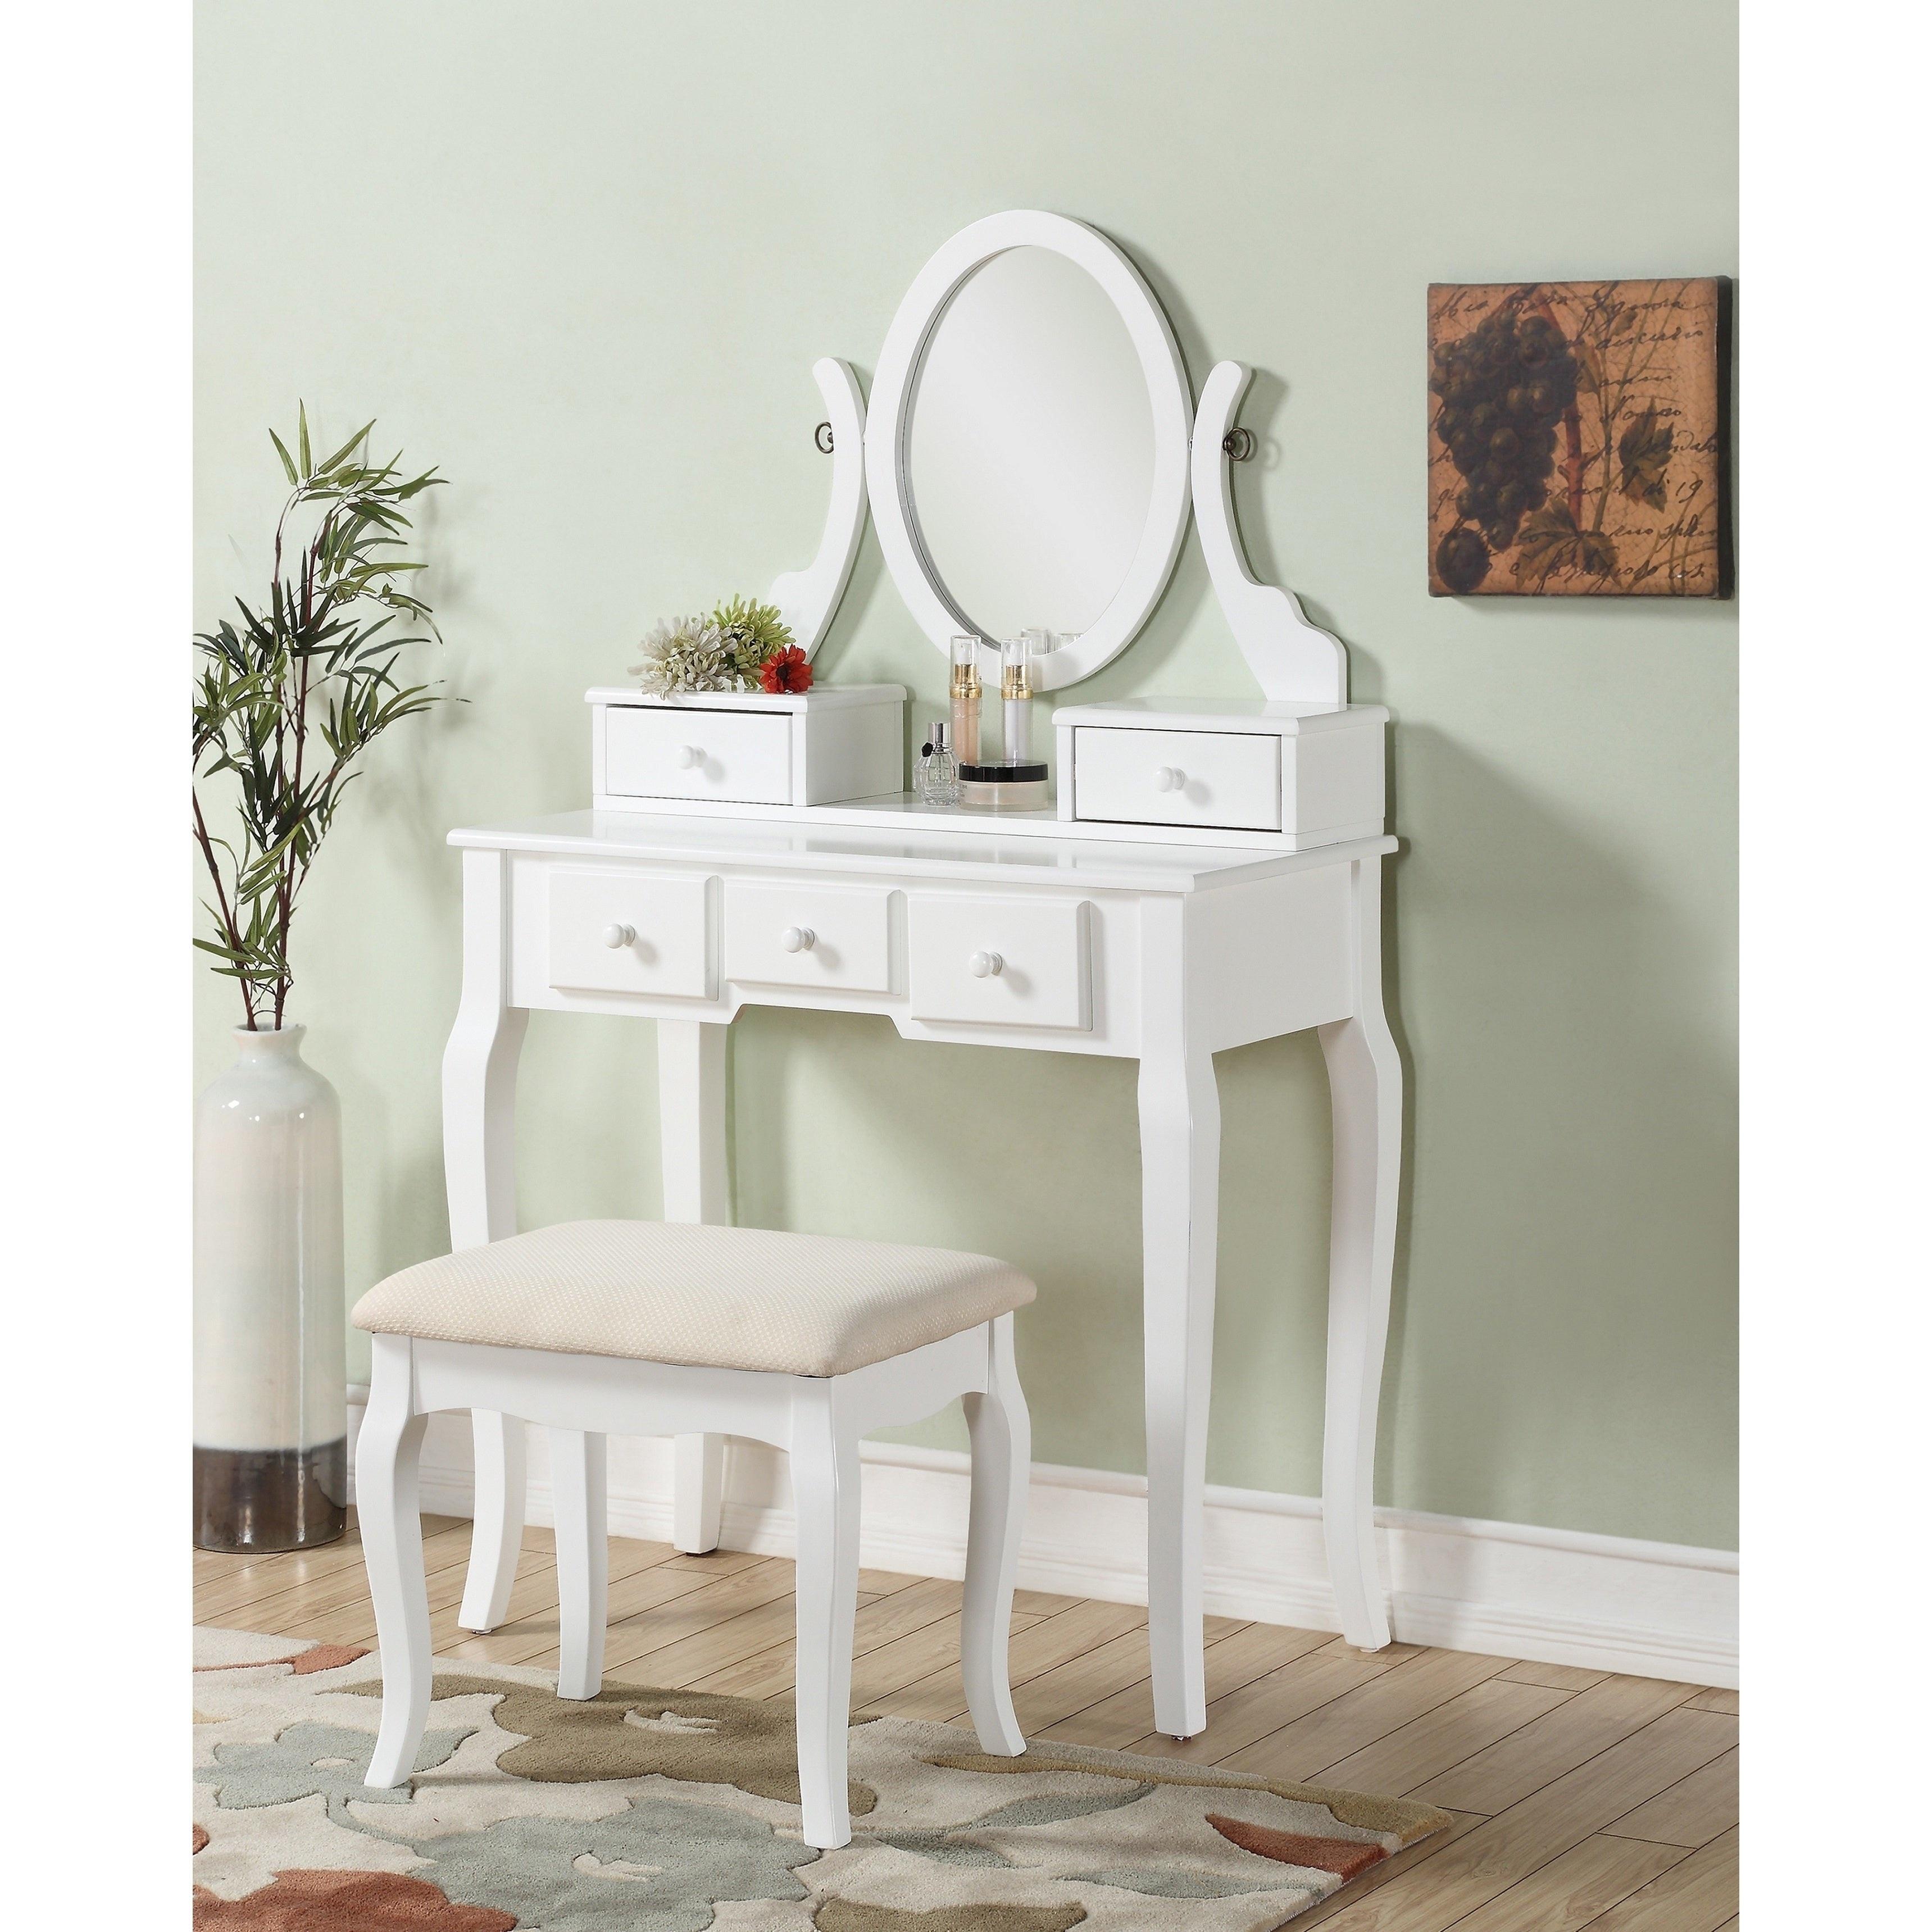 Copper Grove Watt Wood Makeup Vanity Table And Stool Set Overstock 20370407